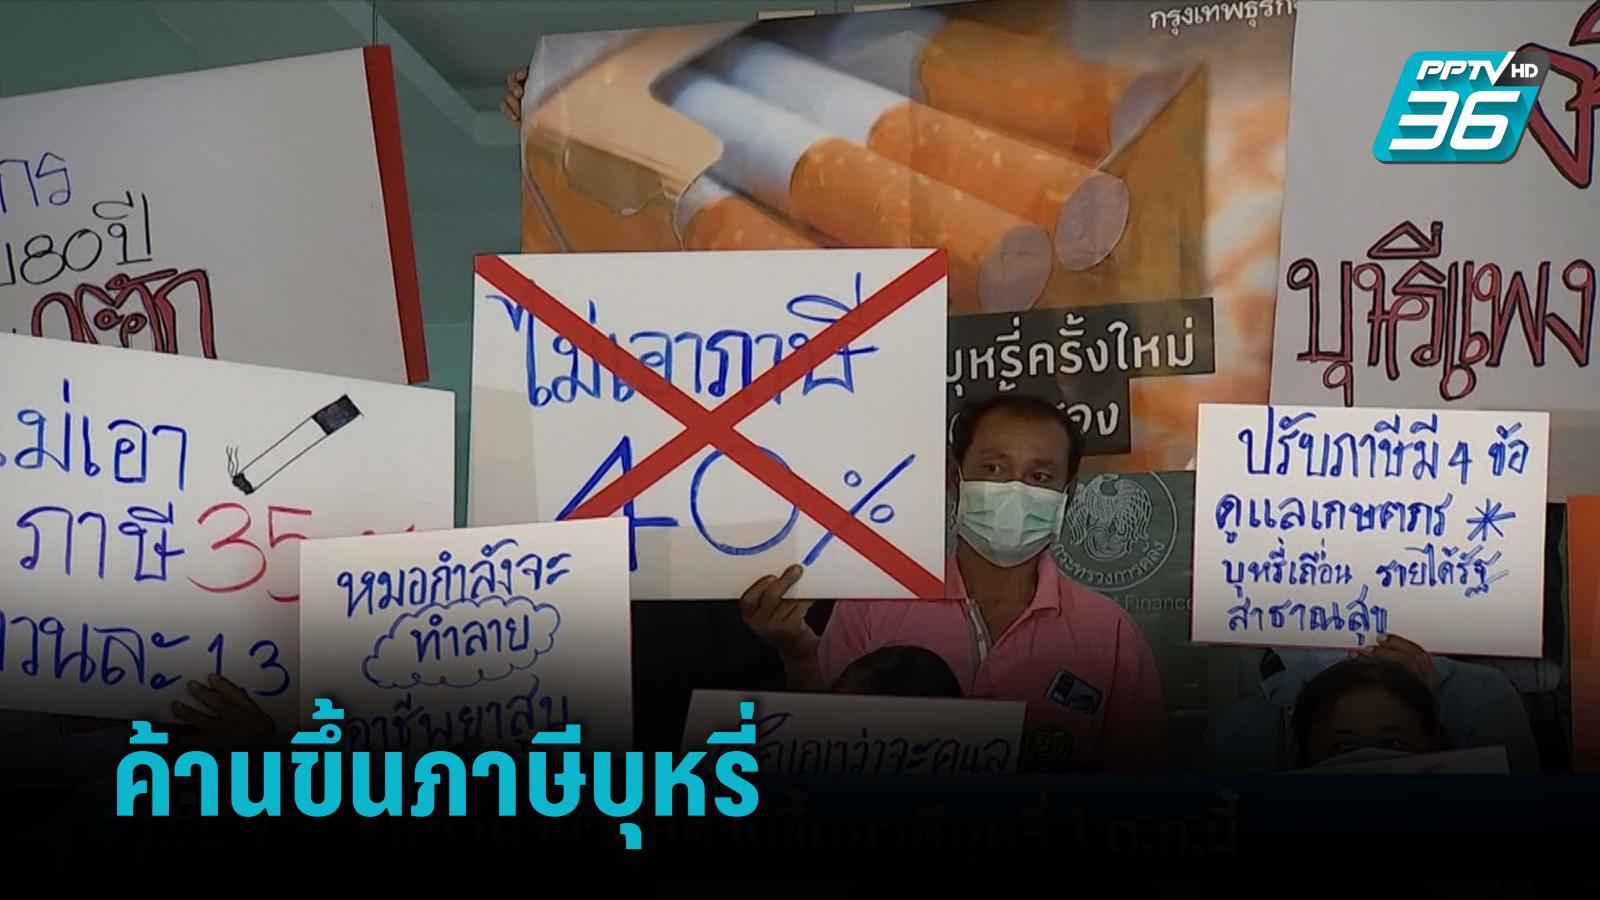 สหภาพฯยาสูบค้านขึ้นภาษีบุหรี่ 1 ต.ค.นี้ | เข้มข่าวค่ำ